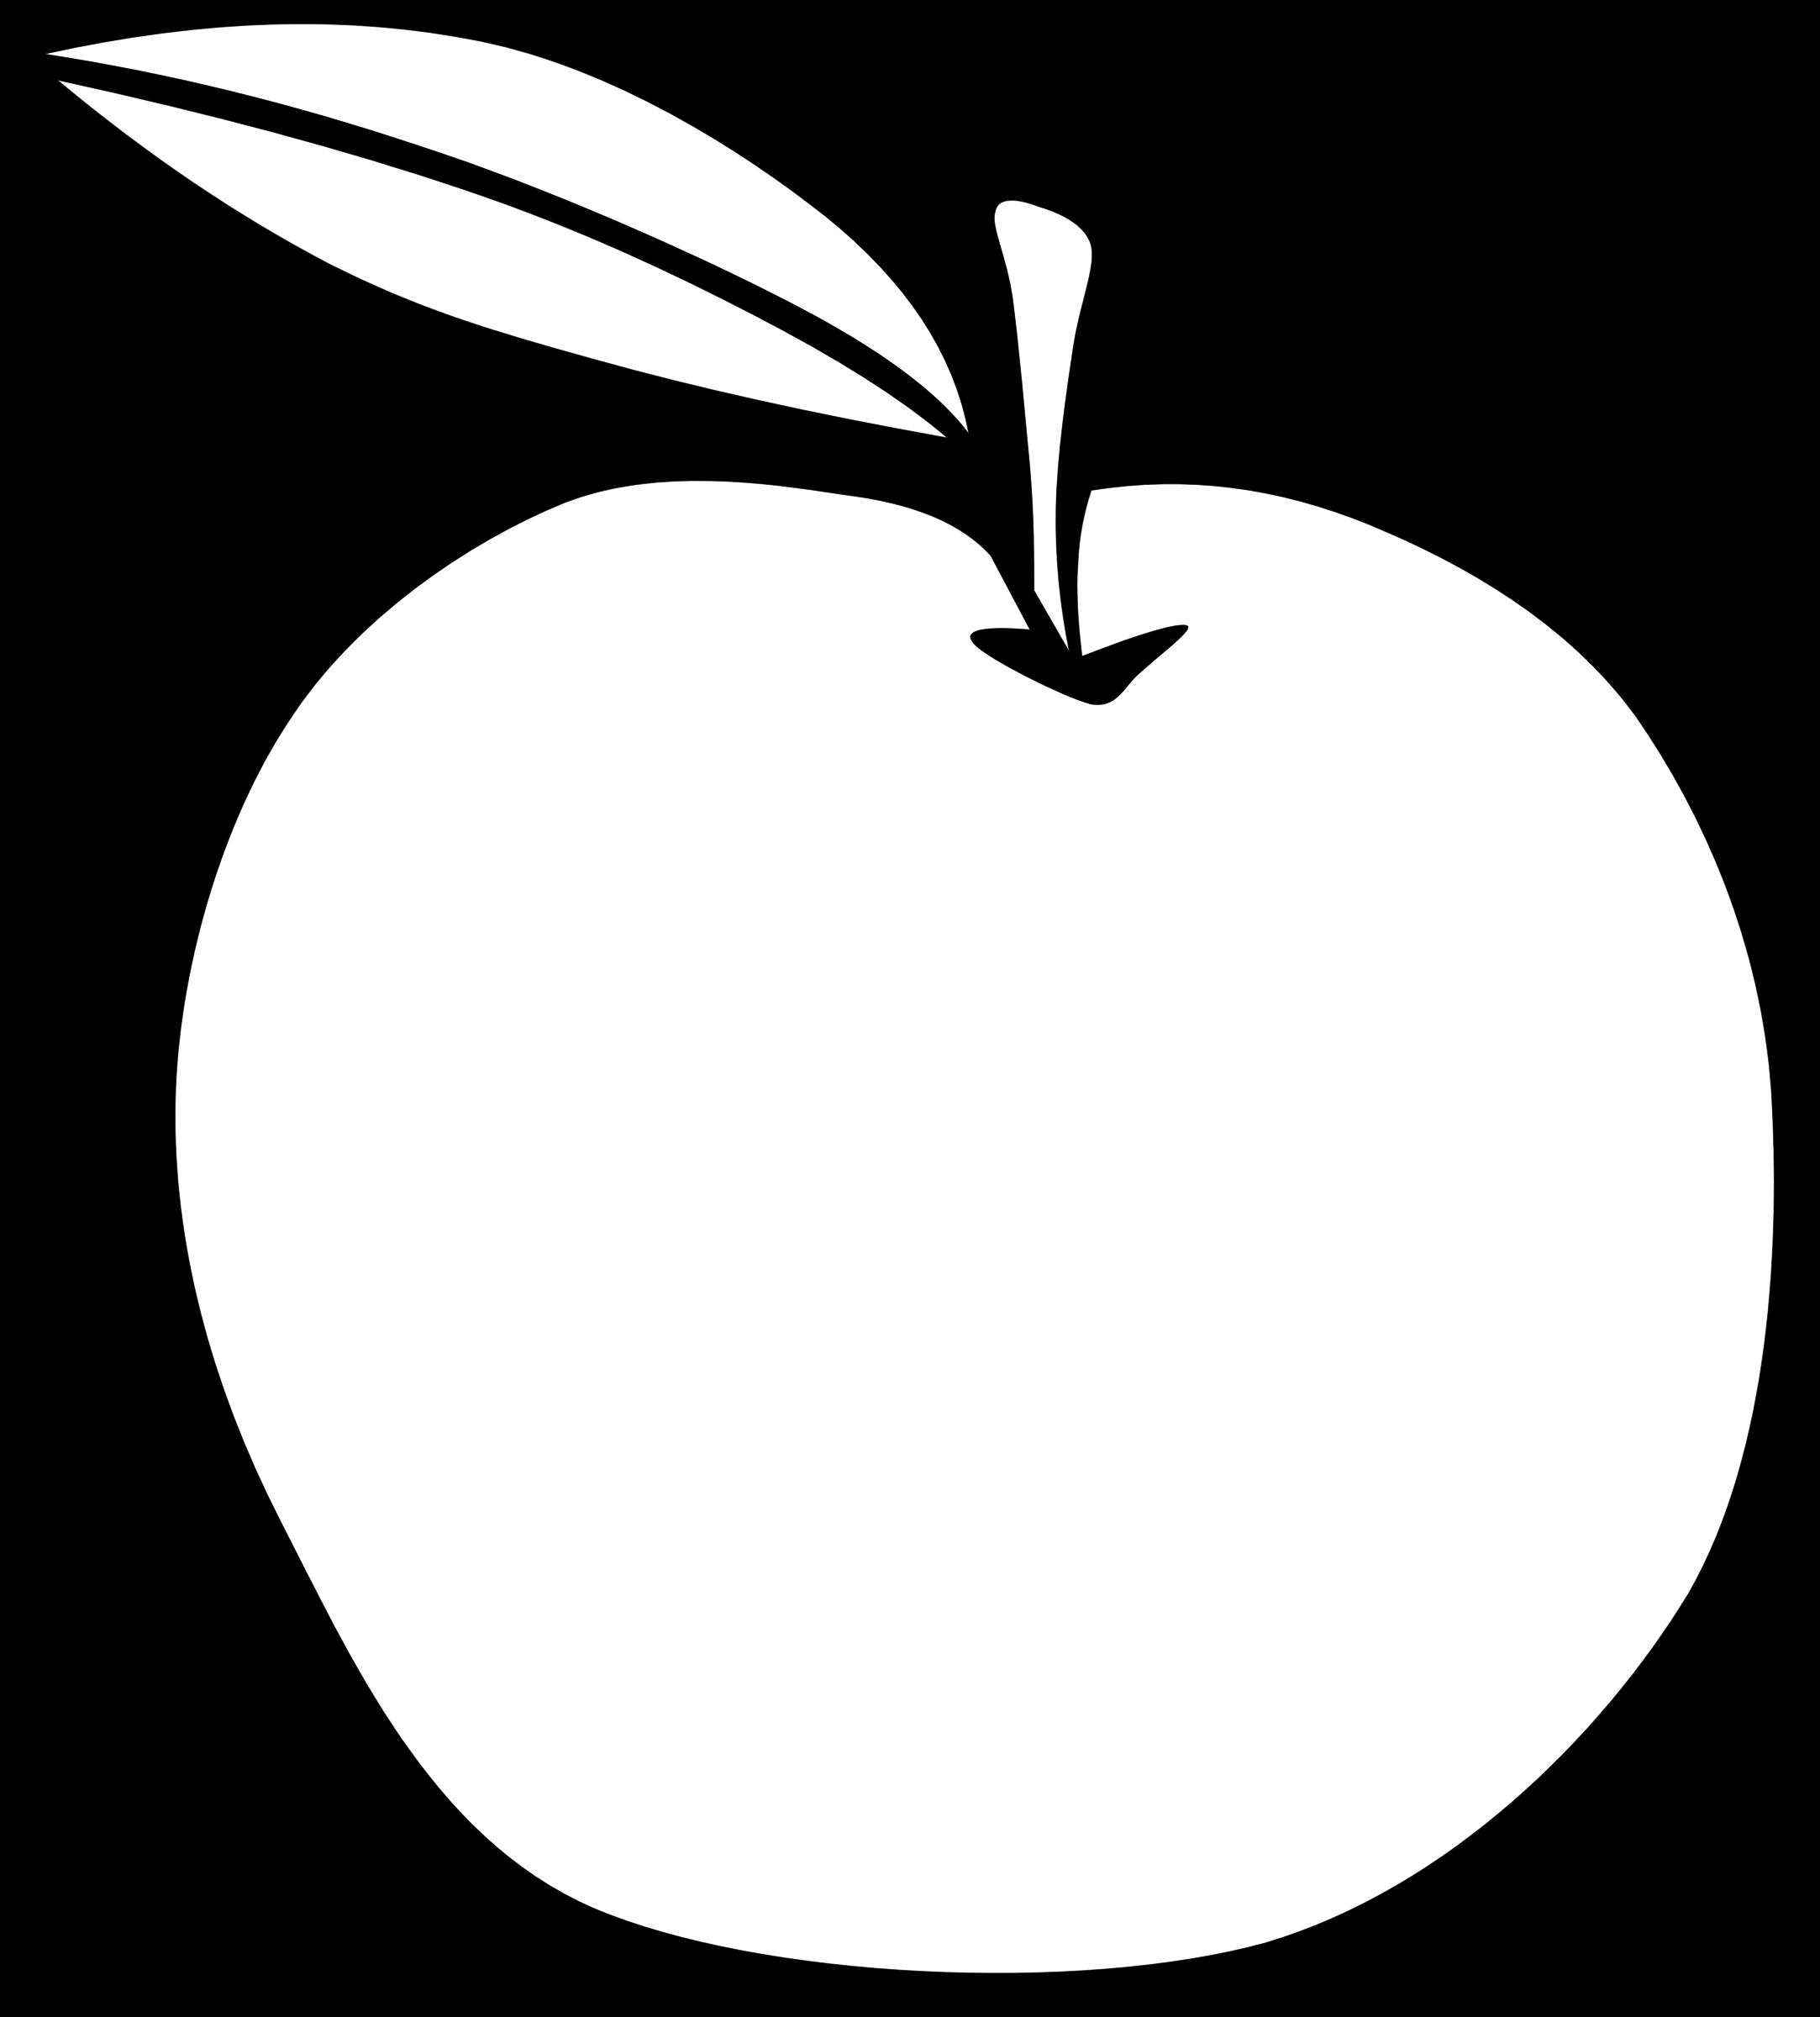 transparent stock Cross Contour Drawing Fruit at GetDrawings